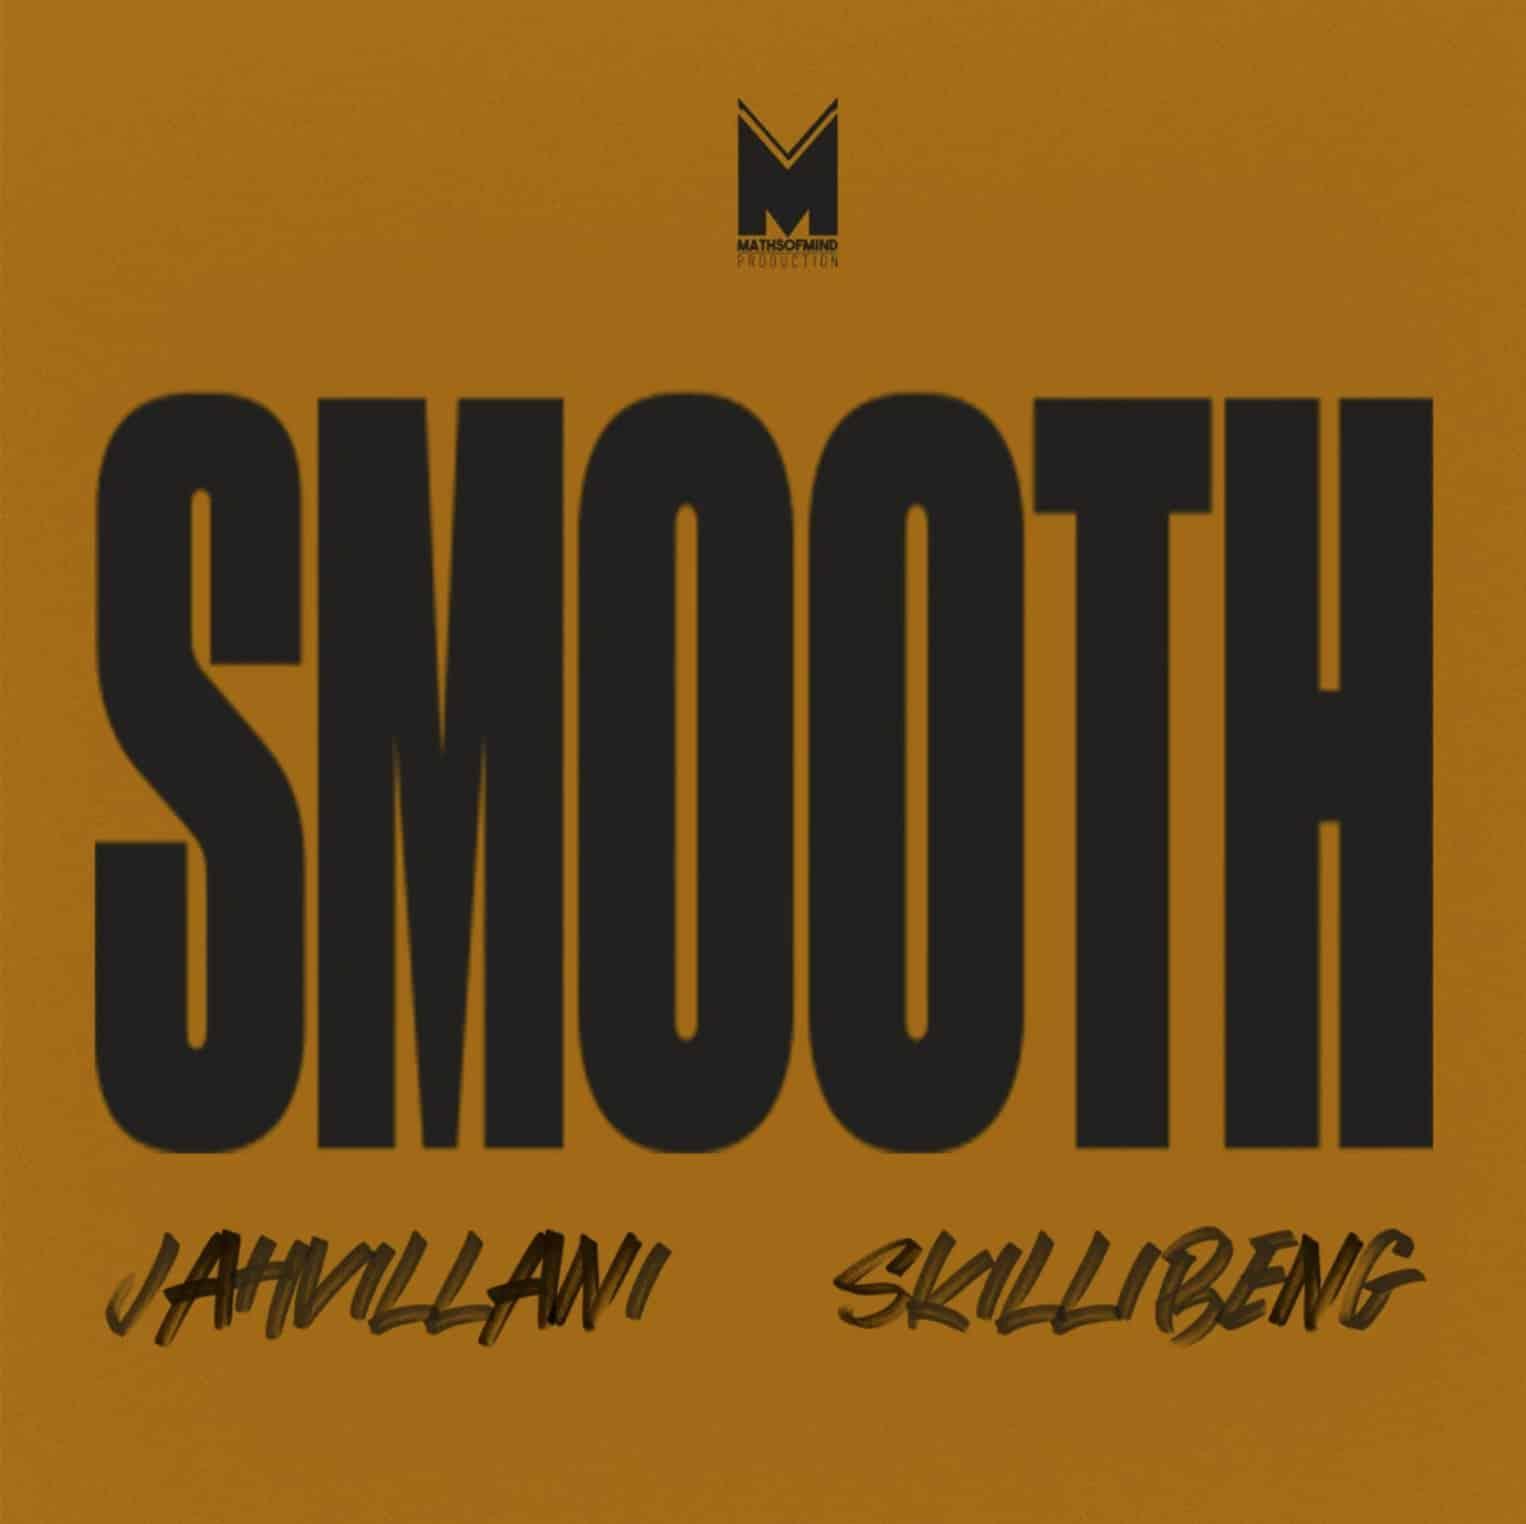 Jahvillani Ft. Skillibeng – Smooth mp3 download